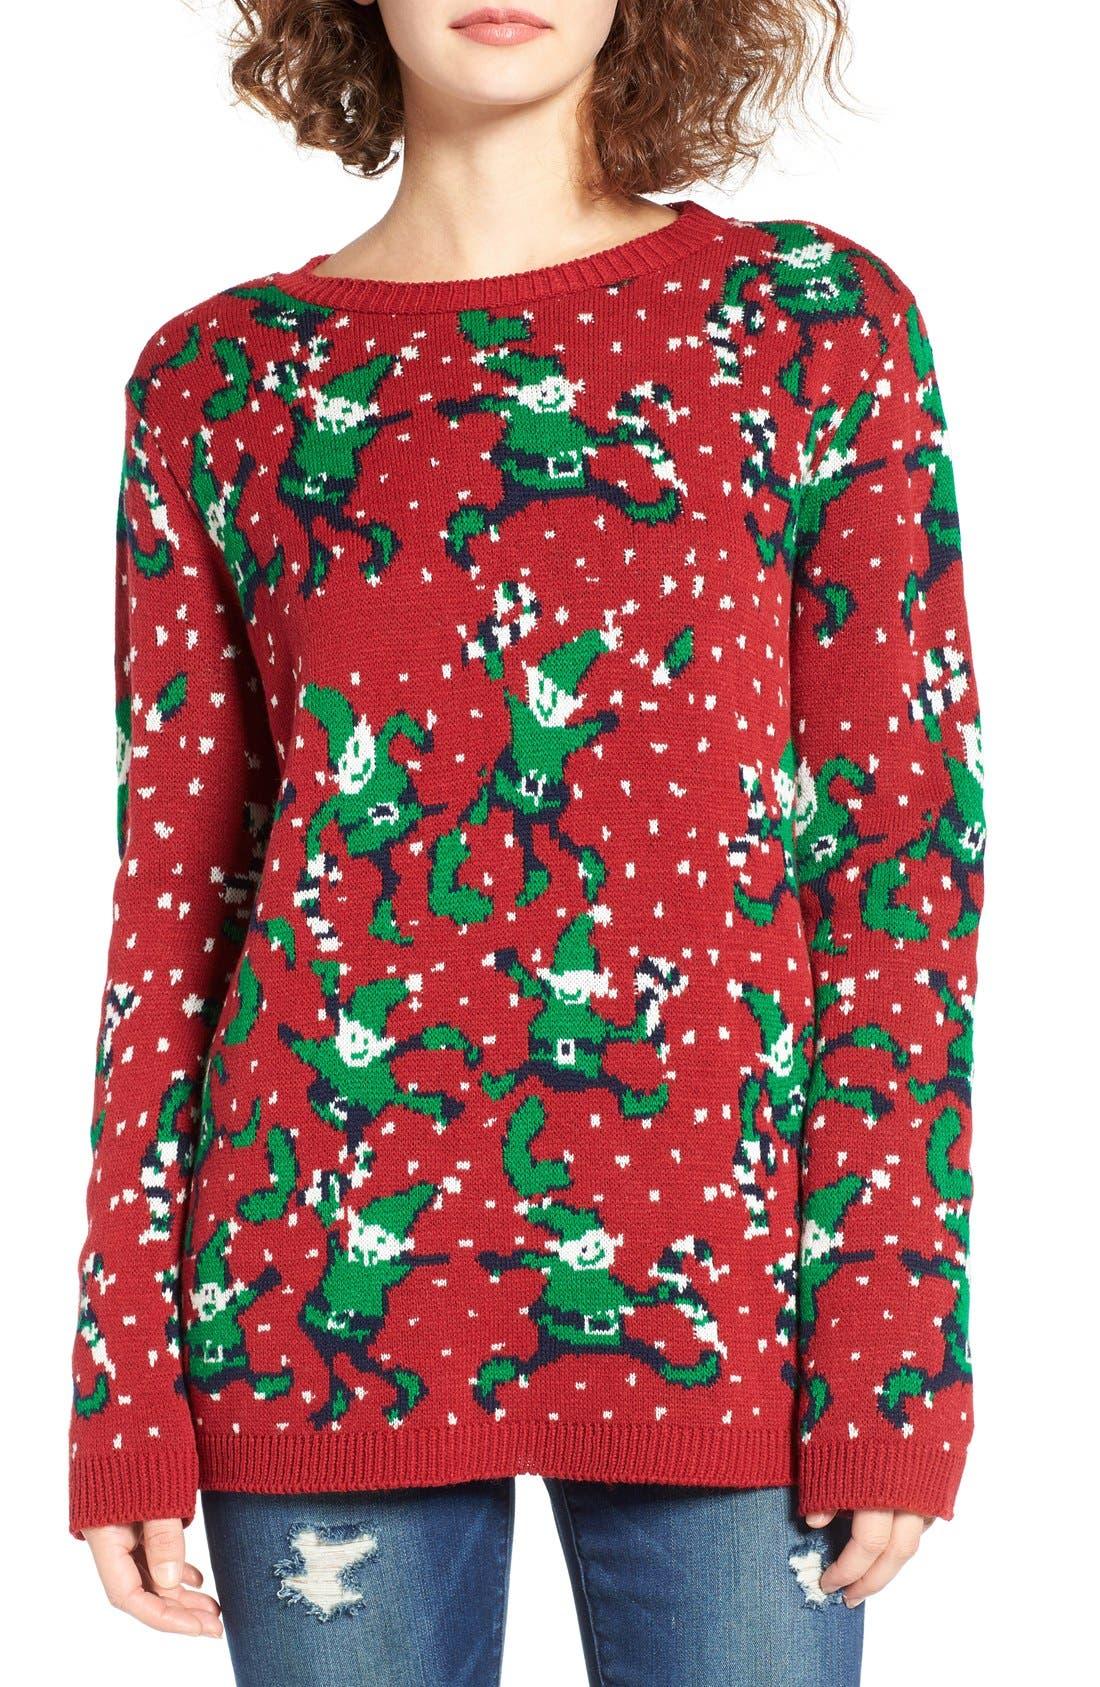 Main Image - Cotton Emporium Intarsia Elf Sweater